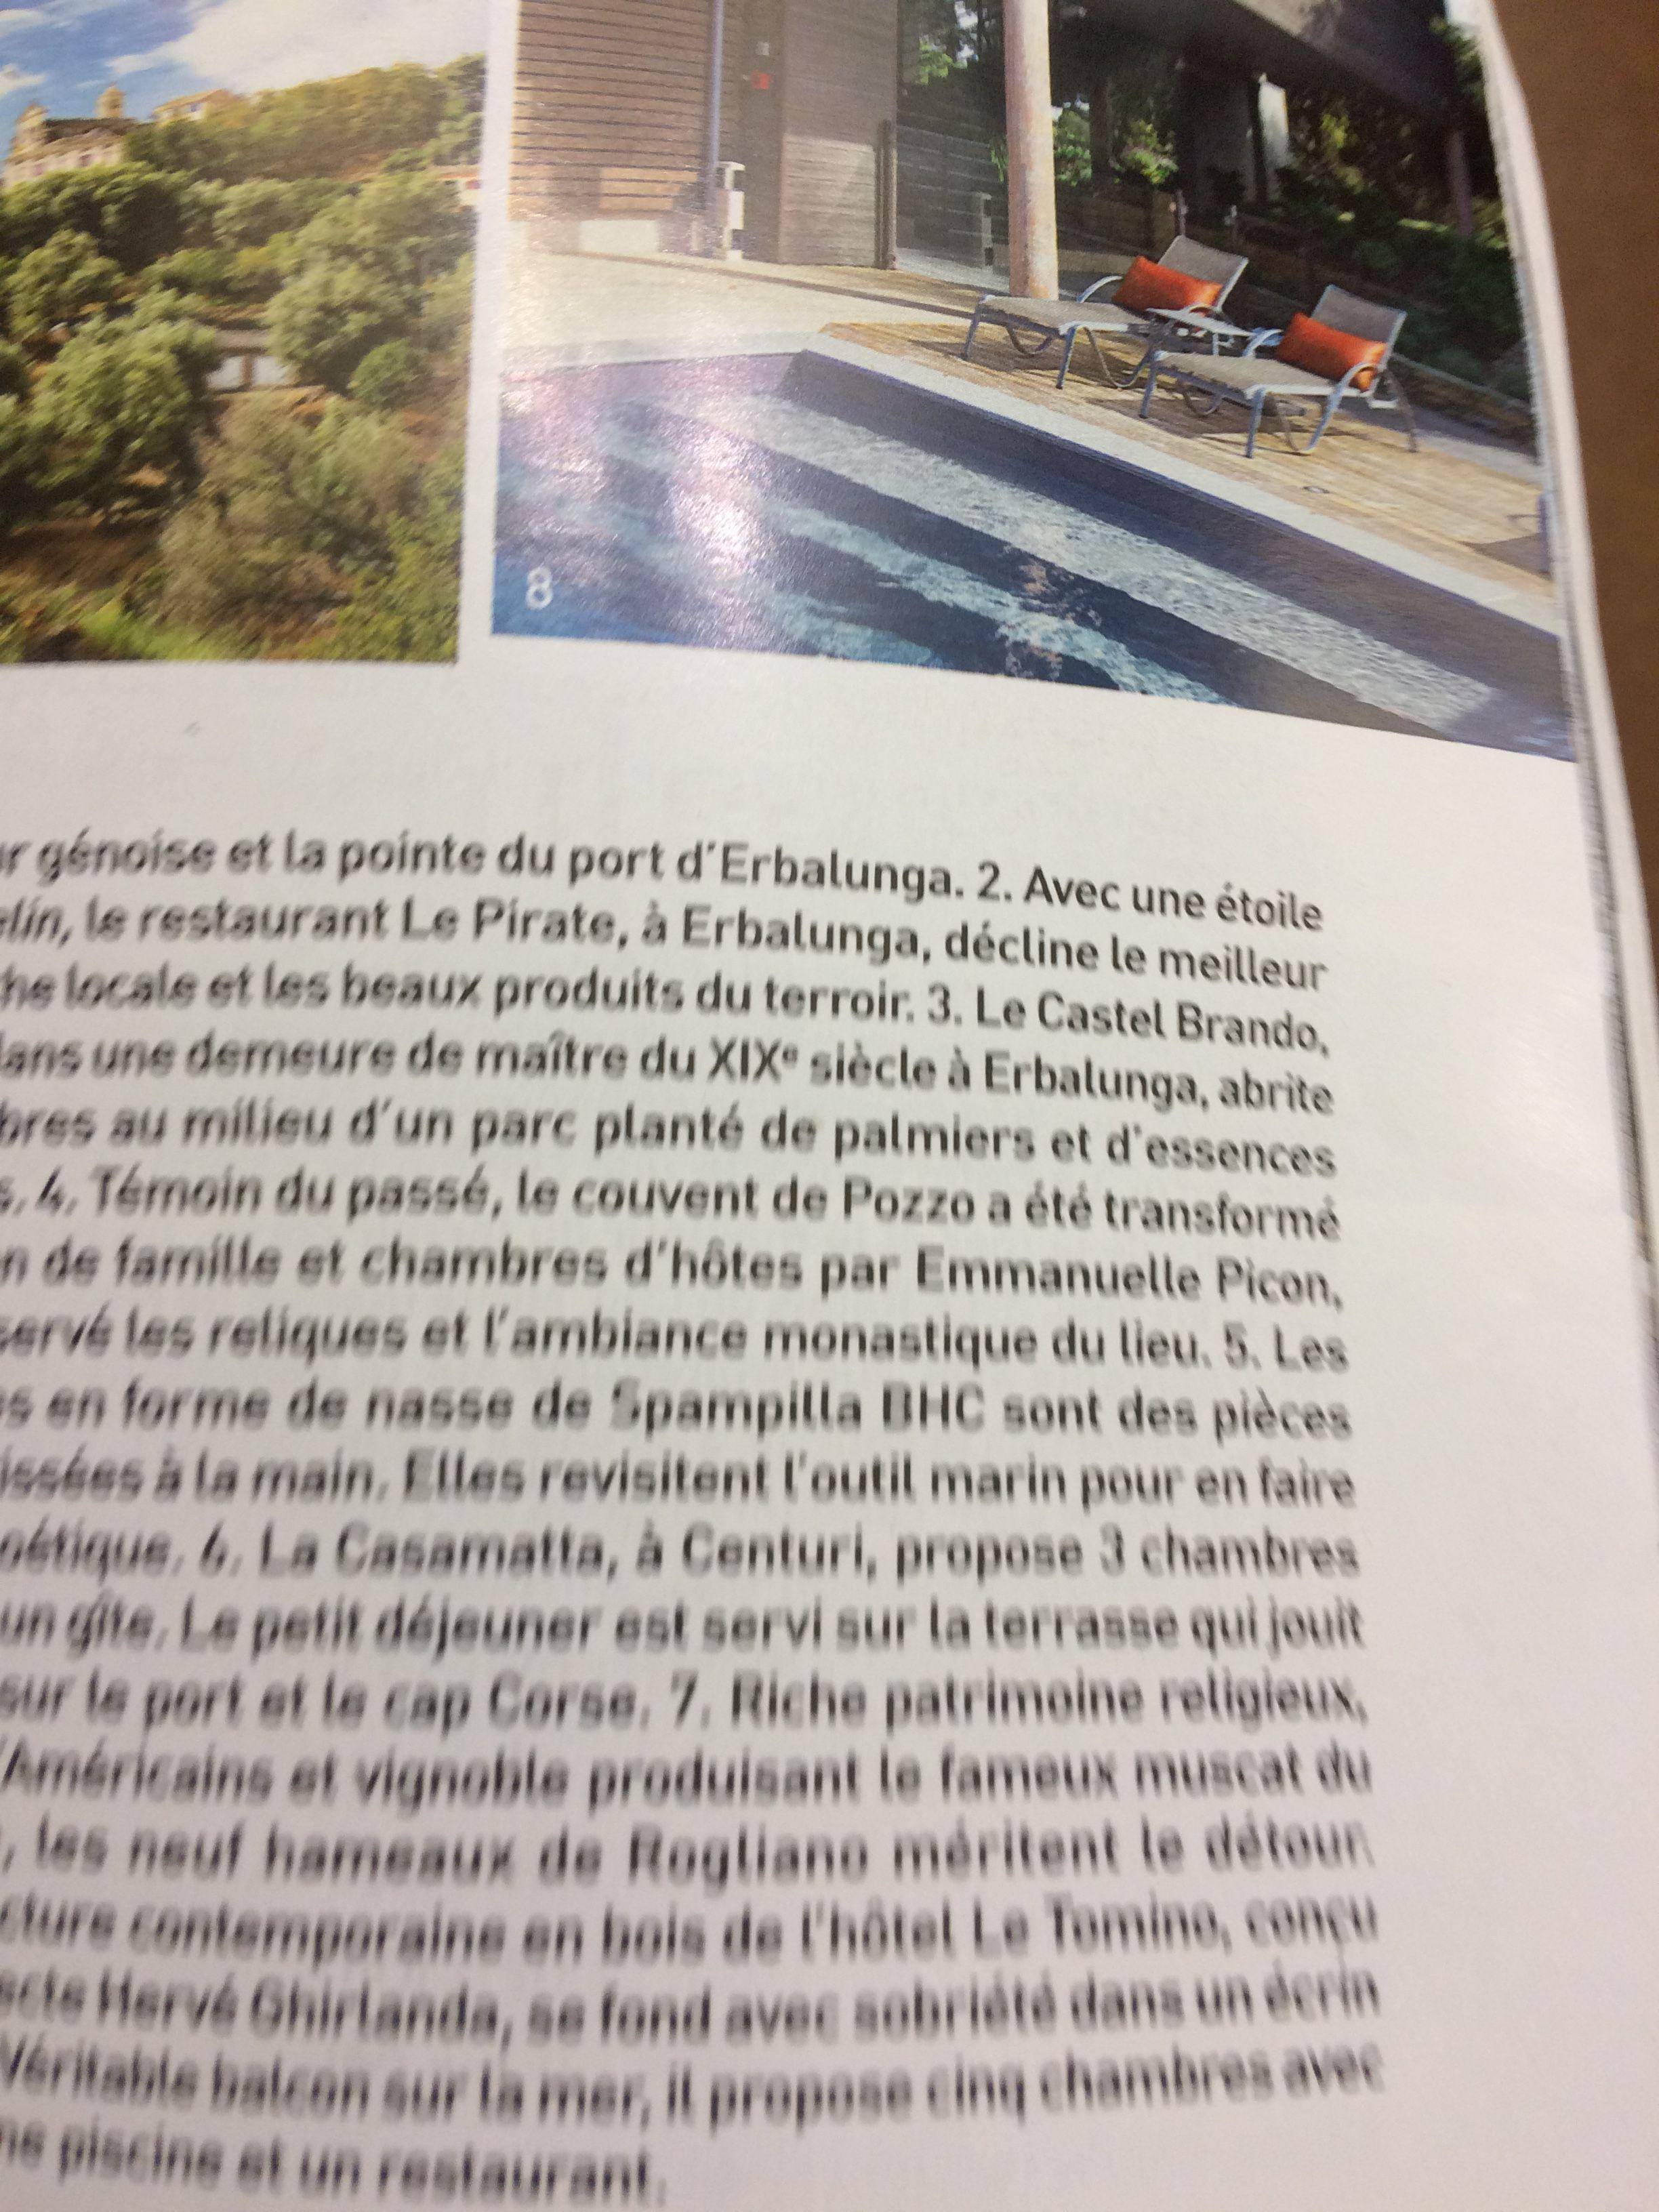 Epingle Par Birgit Sur Voyage En 2020 Produits Du Terroir Demeure